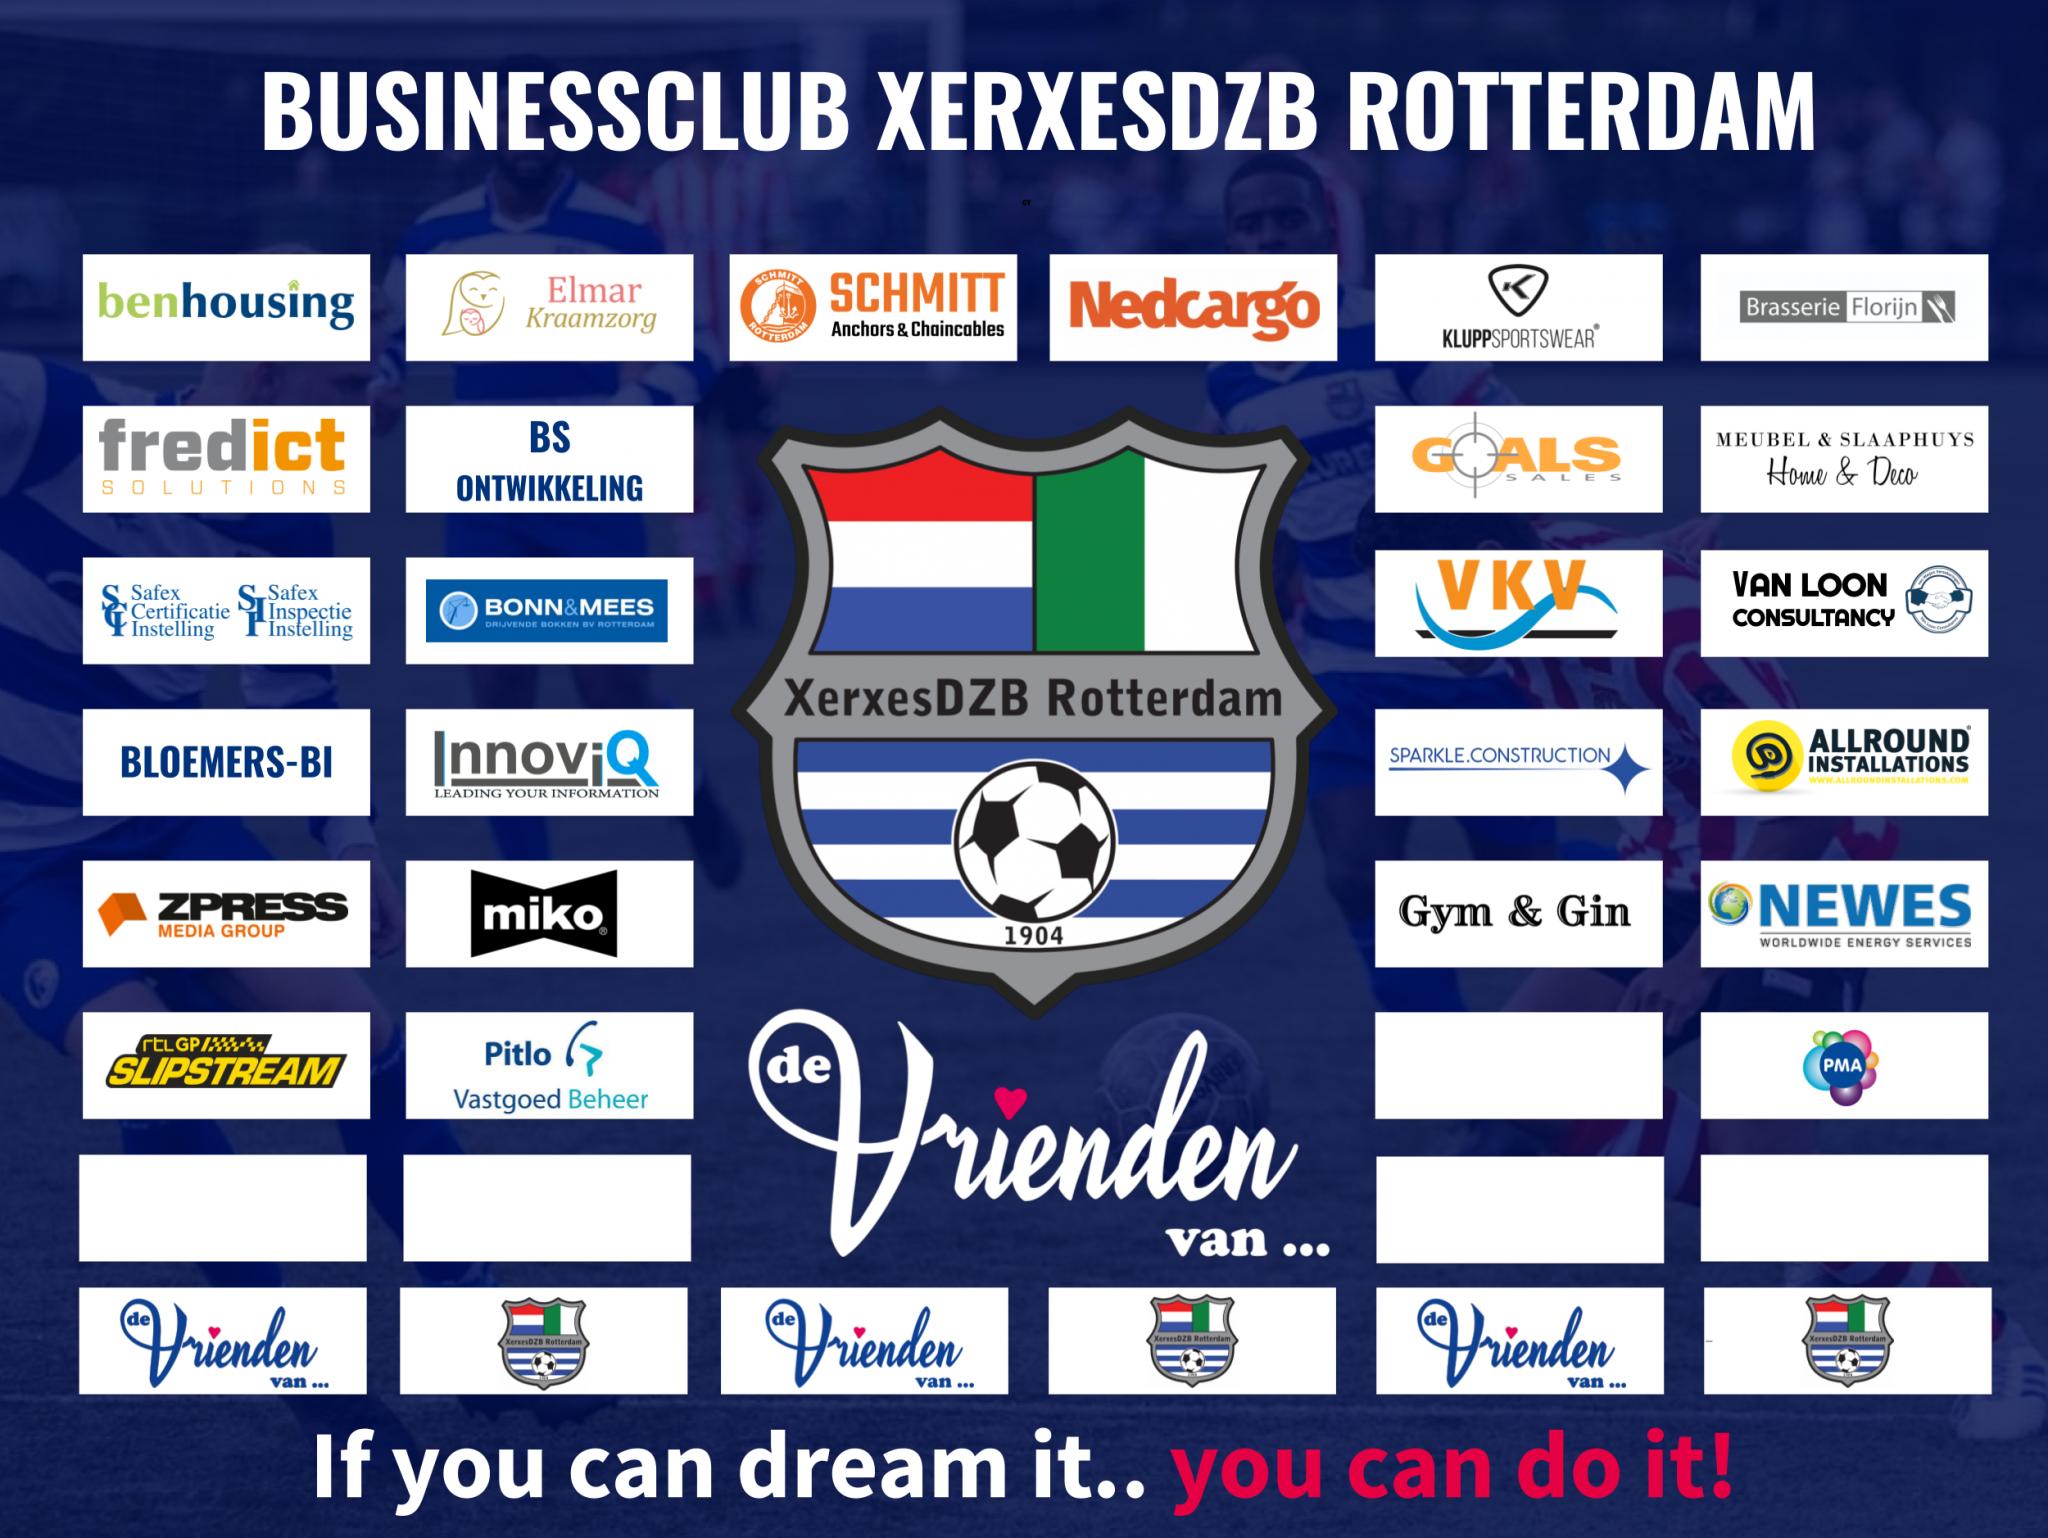 Pitlo Vastgoed Beheer 25e Businessclub lid van XerxesDZB!